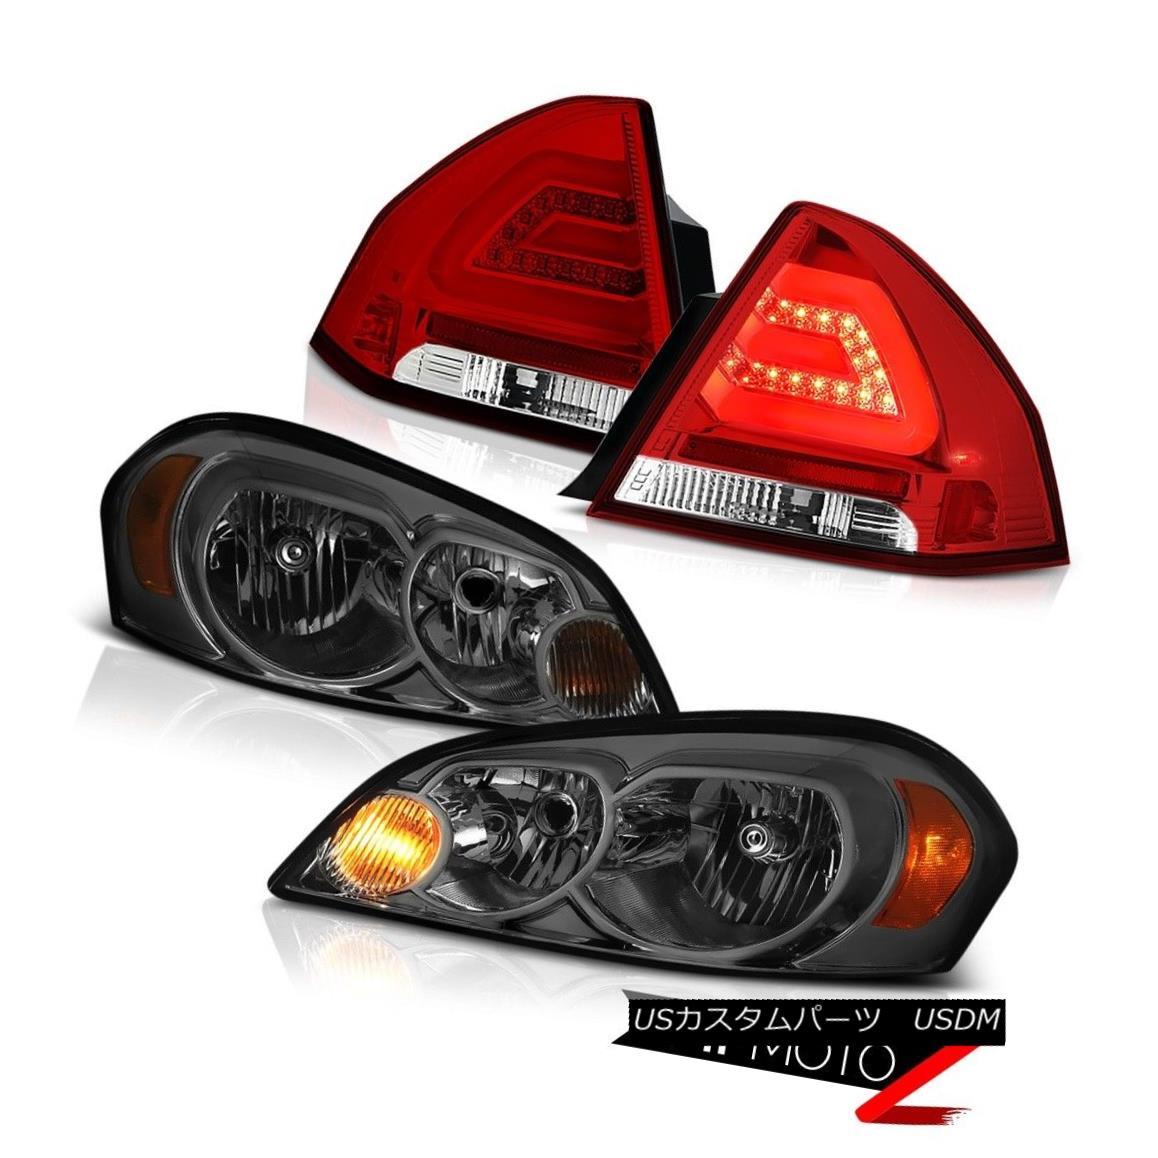 ヘッドライト 2006-2013 CHEVY IMPALA LS Tail lights smokey headlamps OE Style